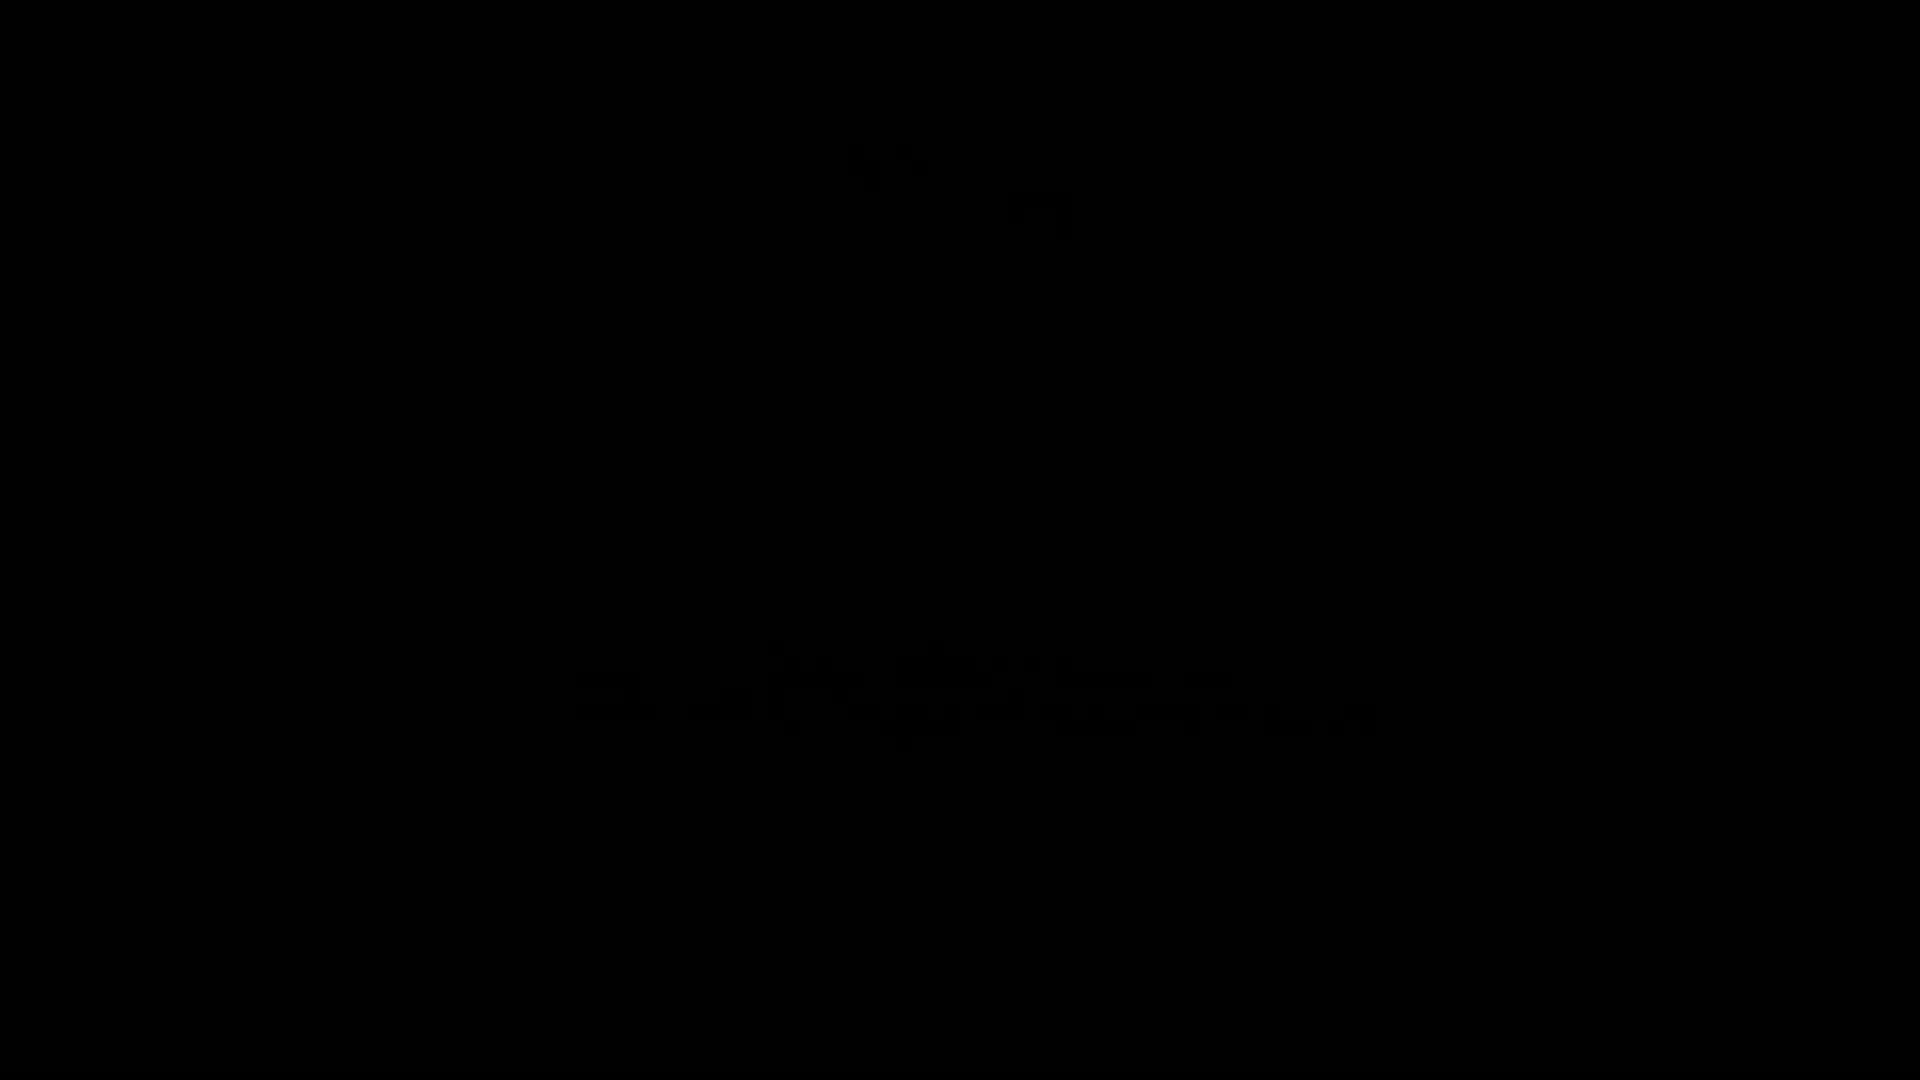 待った無し!?ユルユル女棋士の秘部に王手!! - 加藤ツバキ【バック 正常位 騎乗位 中出し 騎乗後背位】